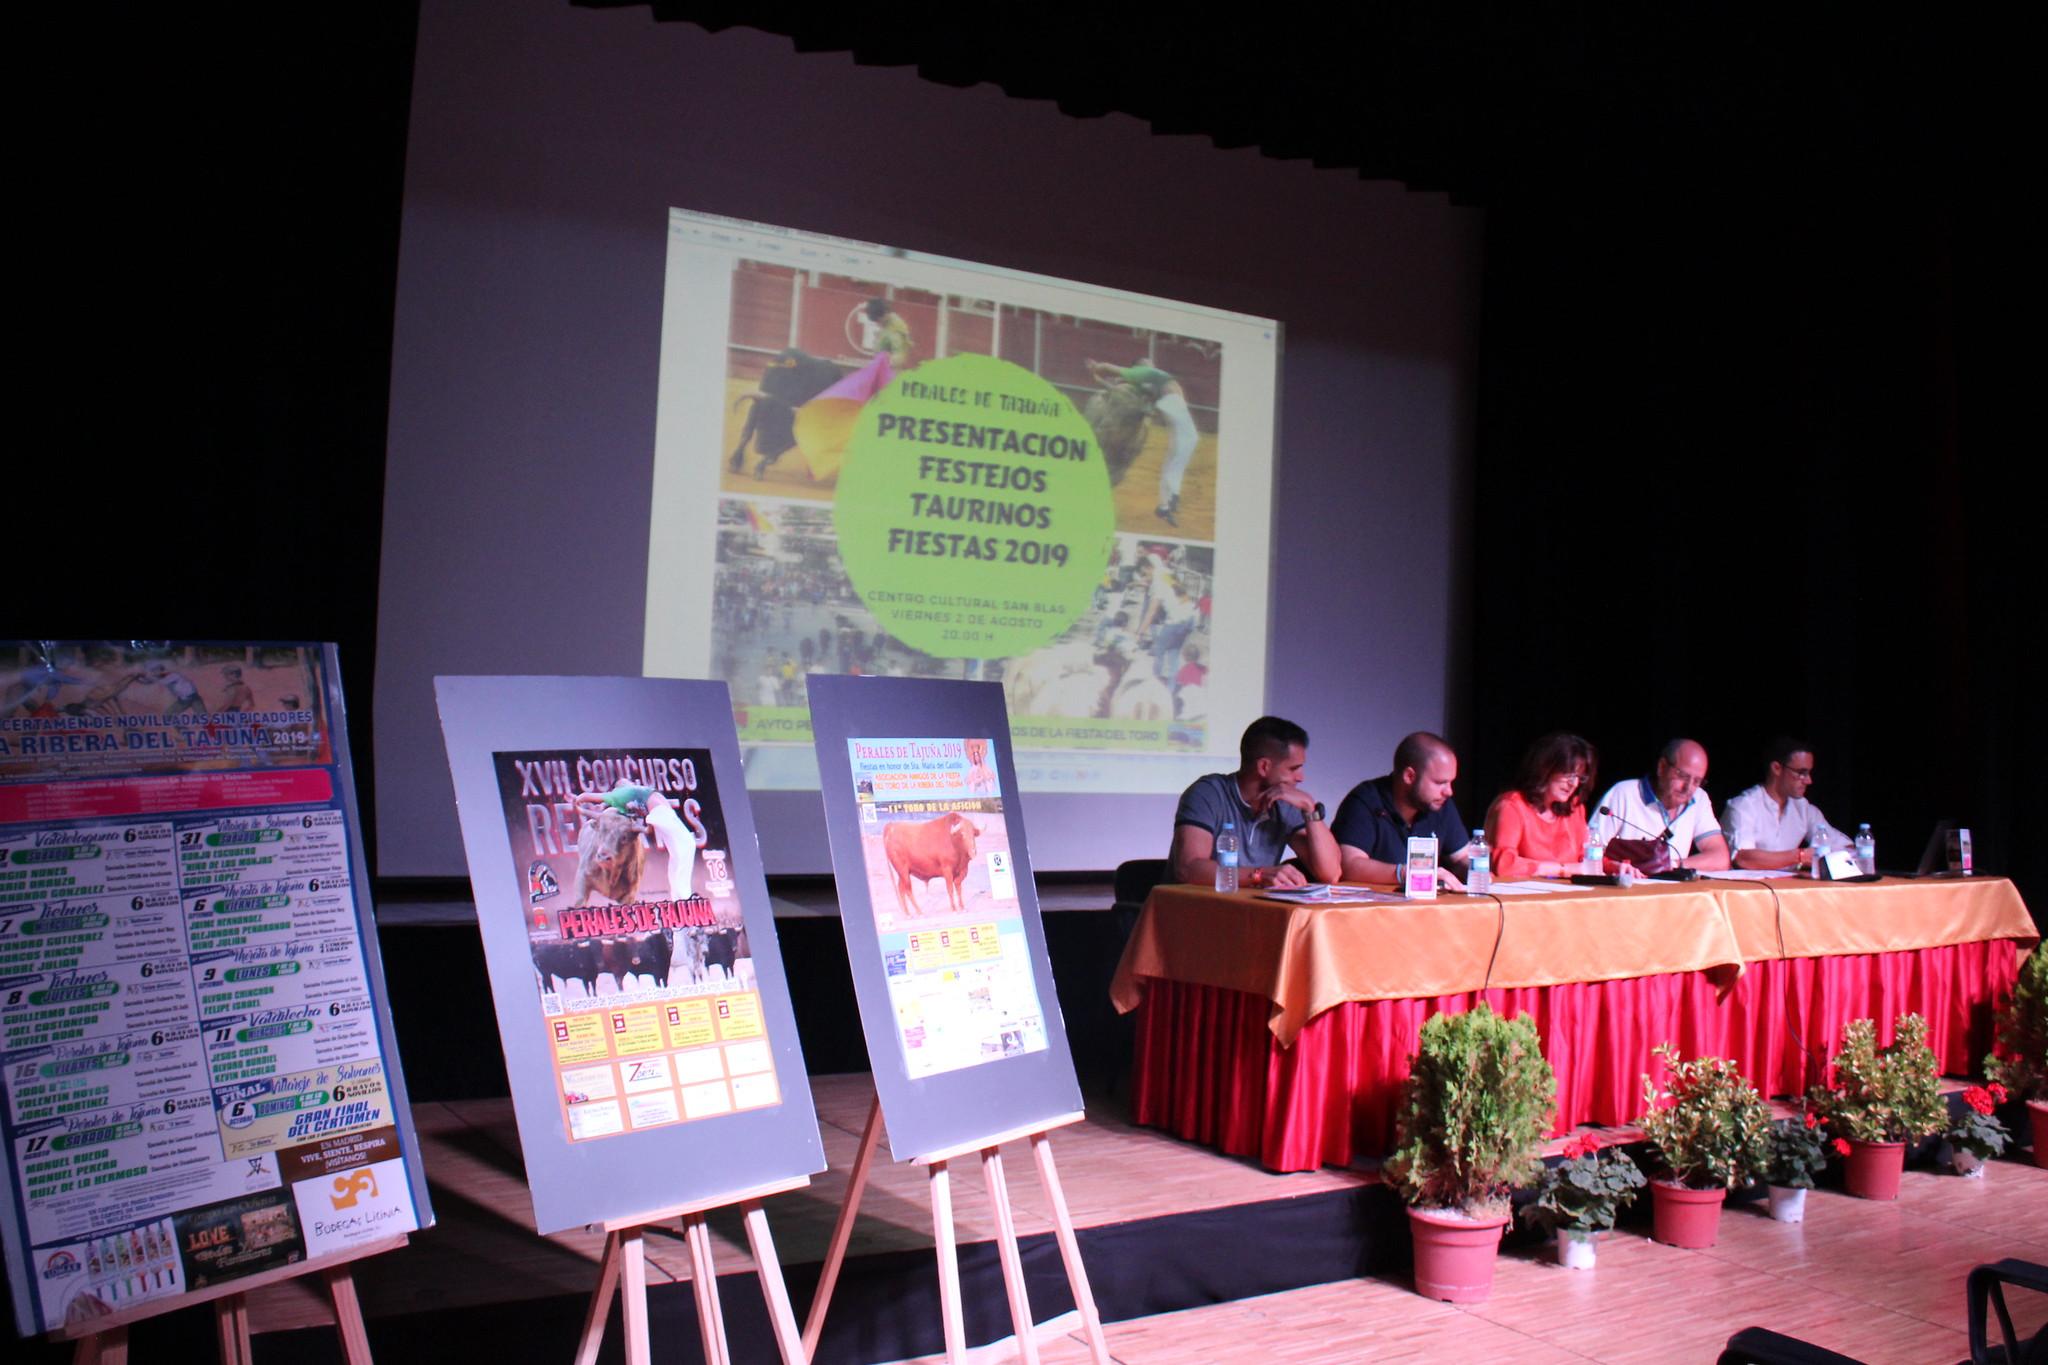 Presentación Festejos Taurinos Fiestas 2019